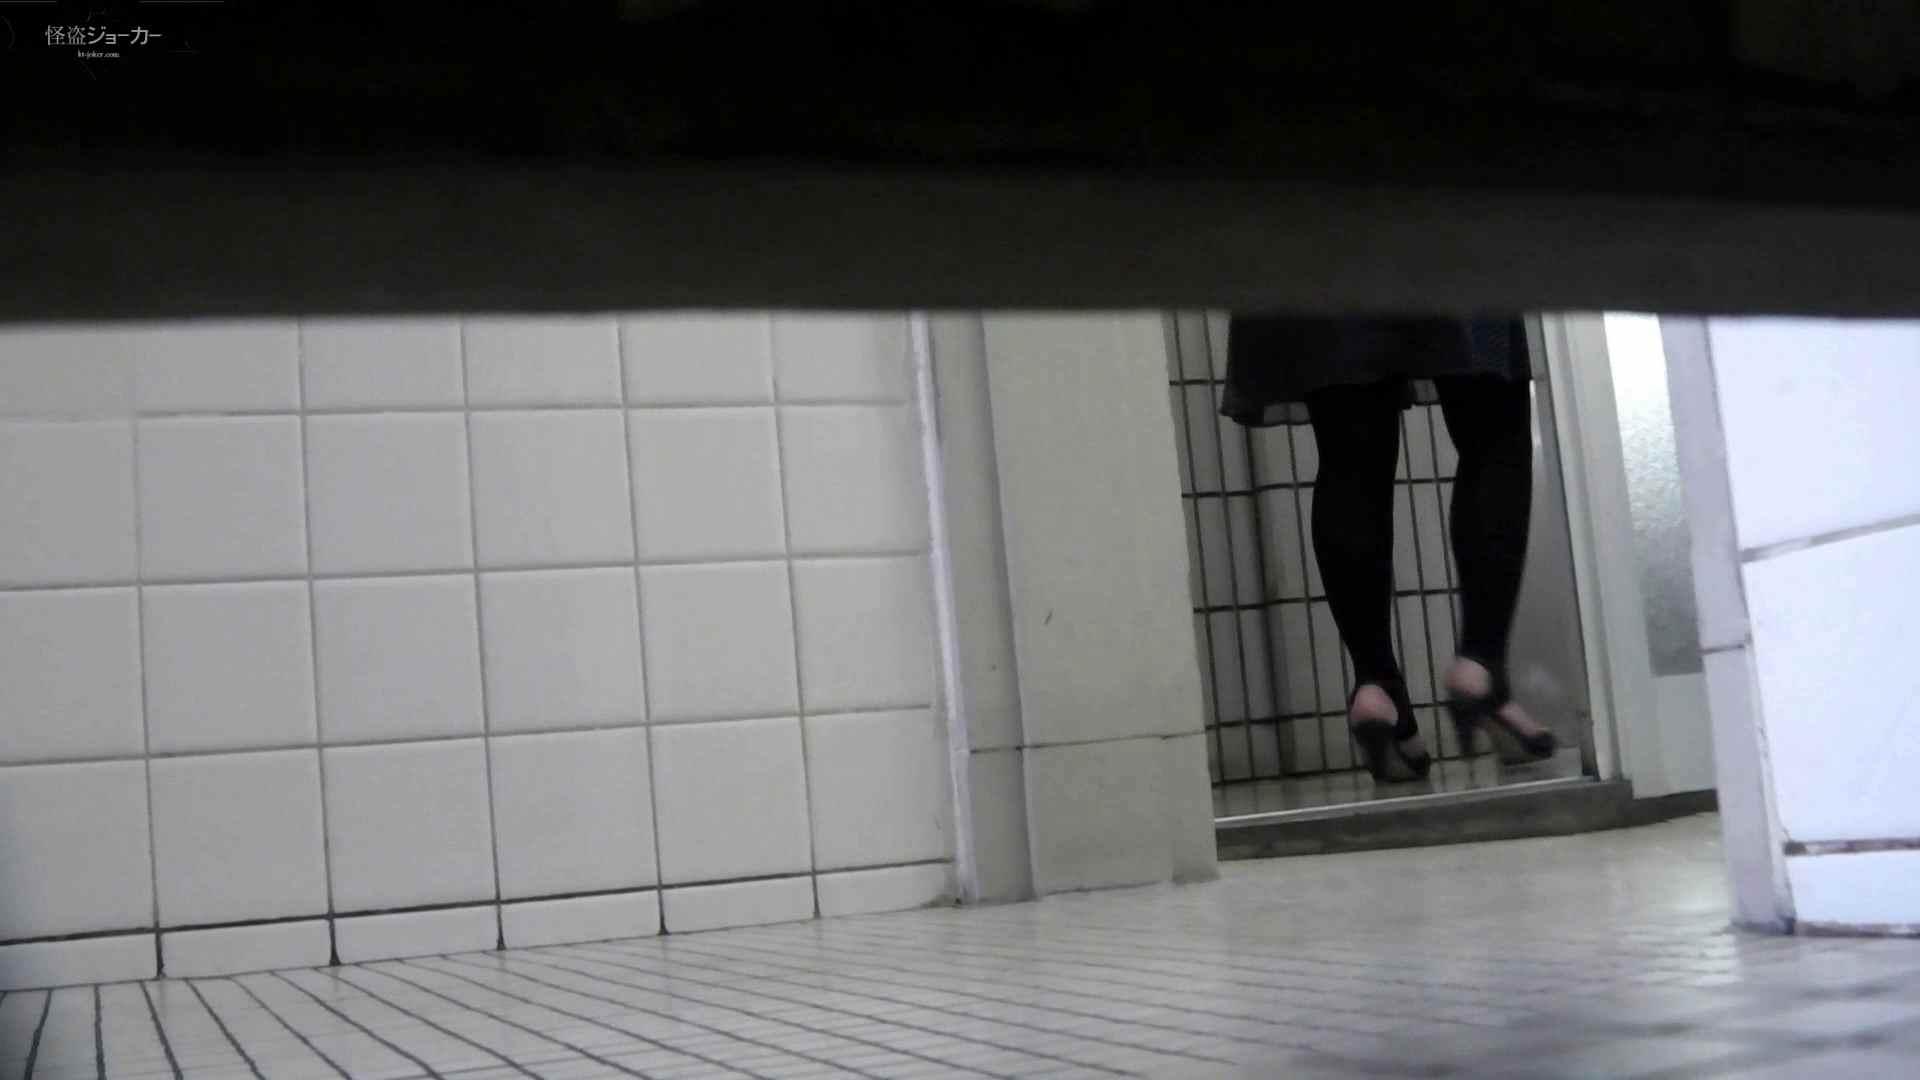 【美しき個室な世界】洗面所特攻隊 vol.051 エッチなOL  93枚 22